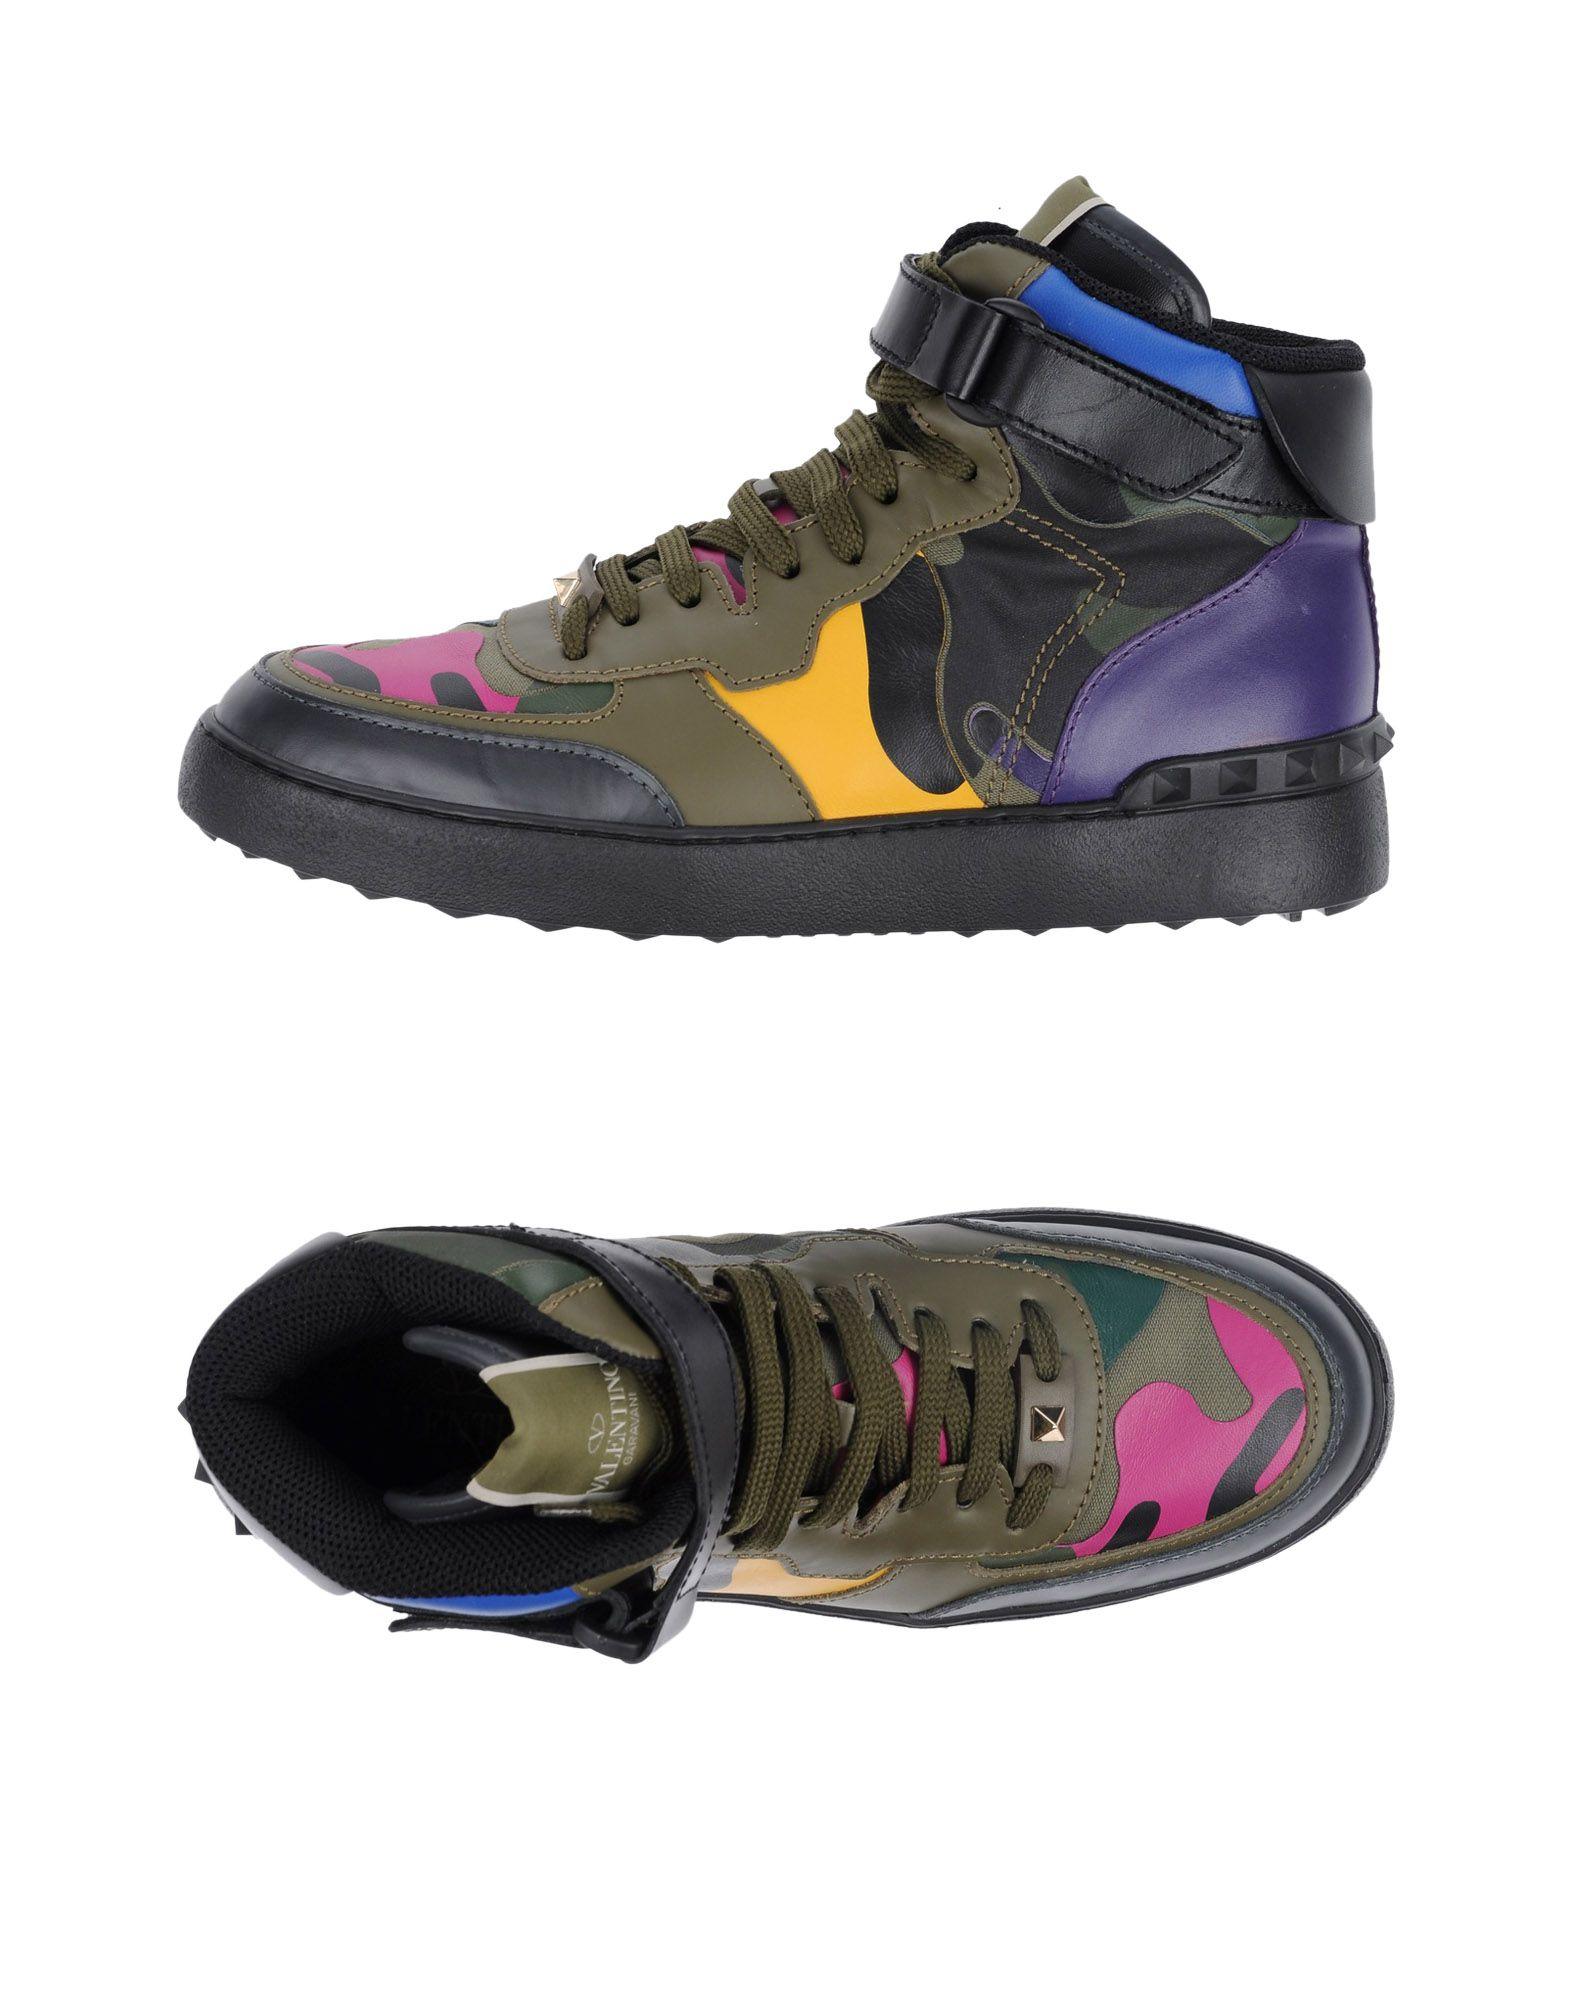 Valentino Garavani Sneakers Sneakers Sneakers - Women Valentino Garavani Sneakers online on  United Kingdom - 11146679CP 27ab64